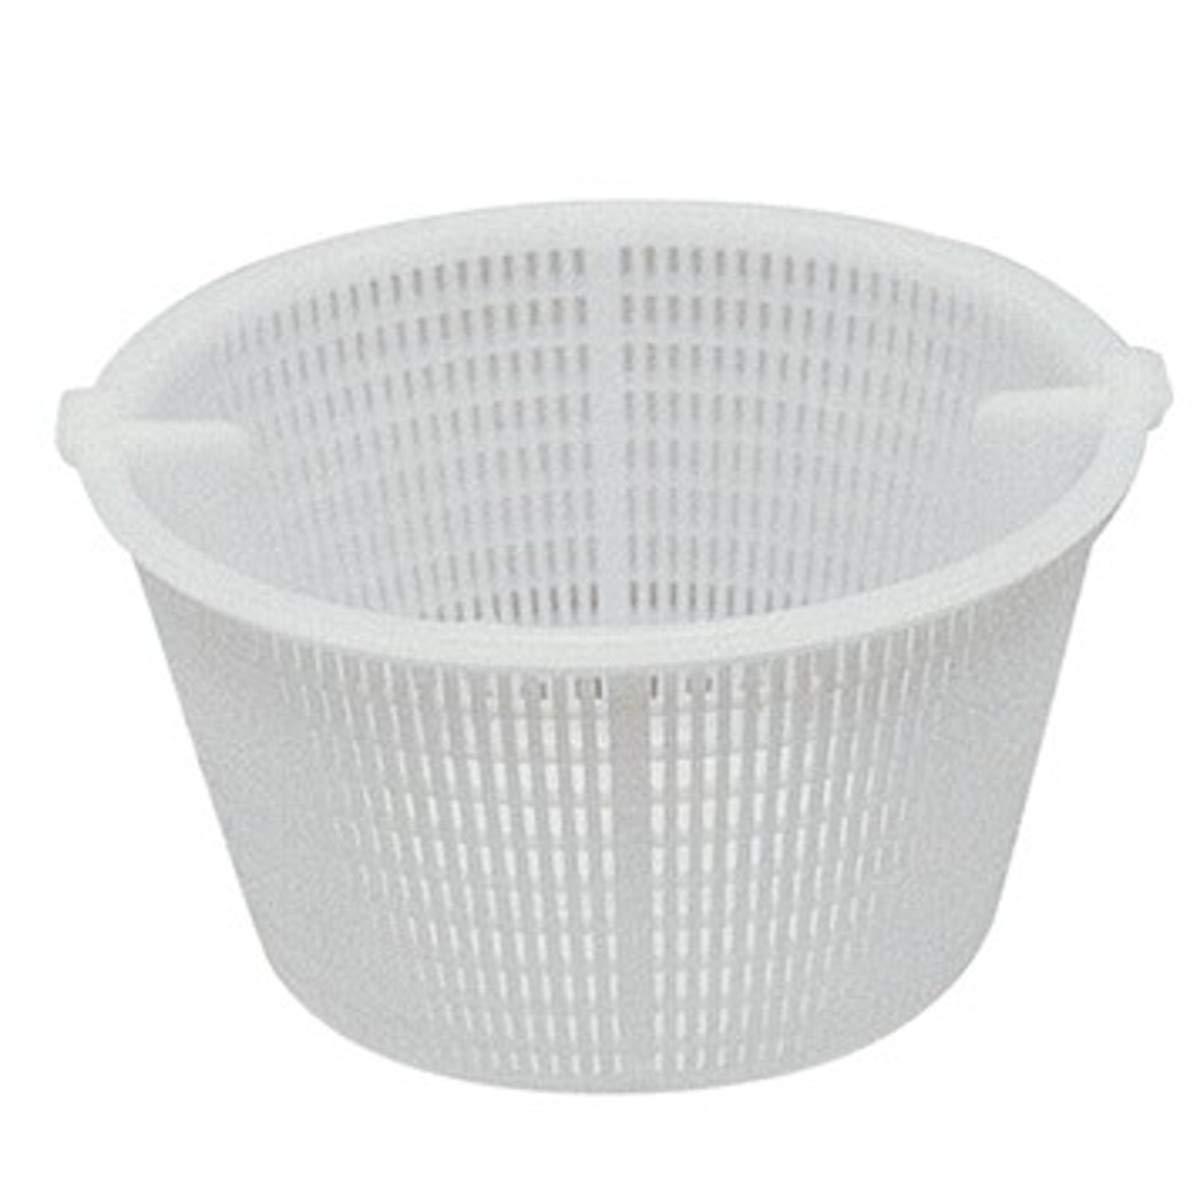 Pools White Skimmer Basket apos; S Swimming